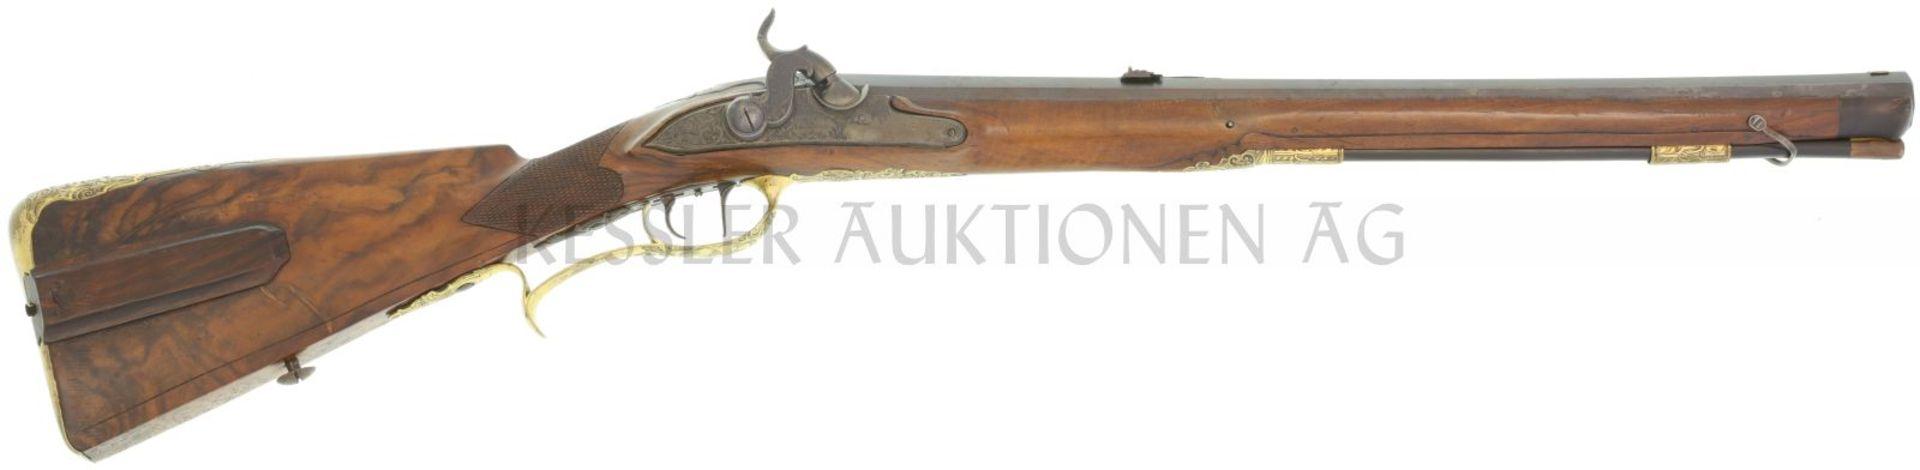 """Perkussionsbüchse, bayrischer Jägerstutzen, """"Schubert in Abensberg"""", Kal. 13mm LL 510mm, TL 865mm,"""